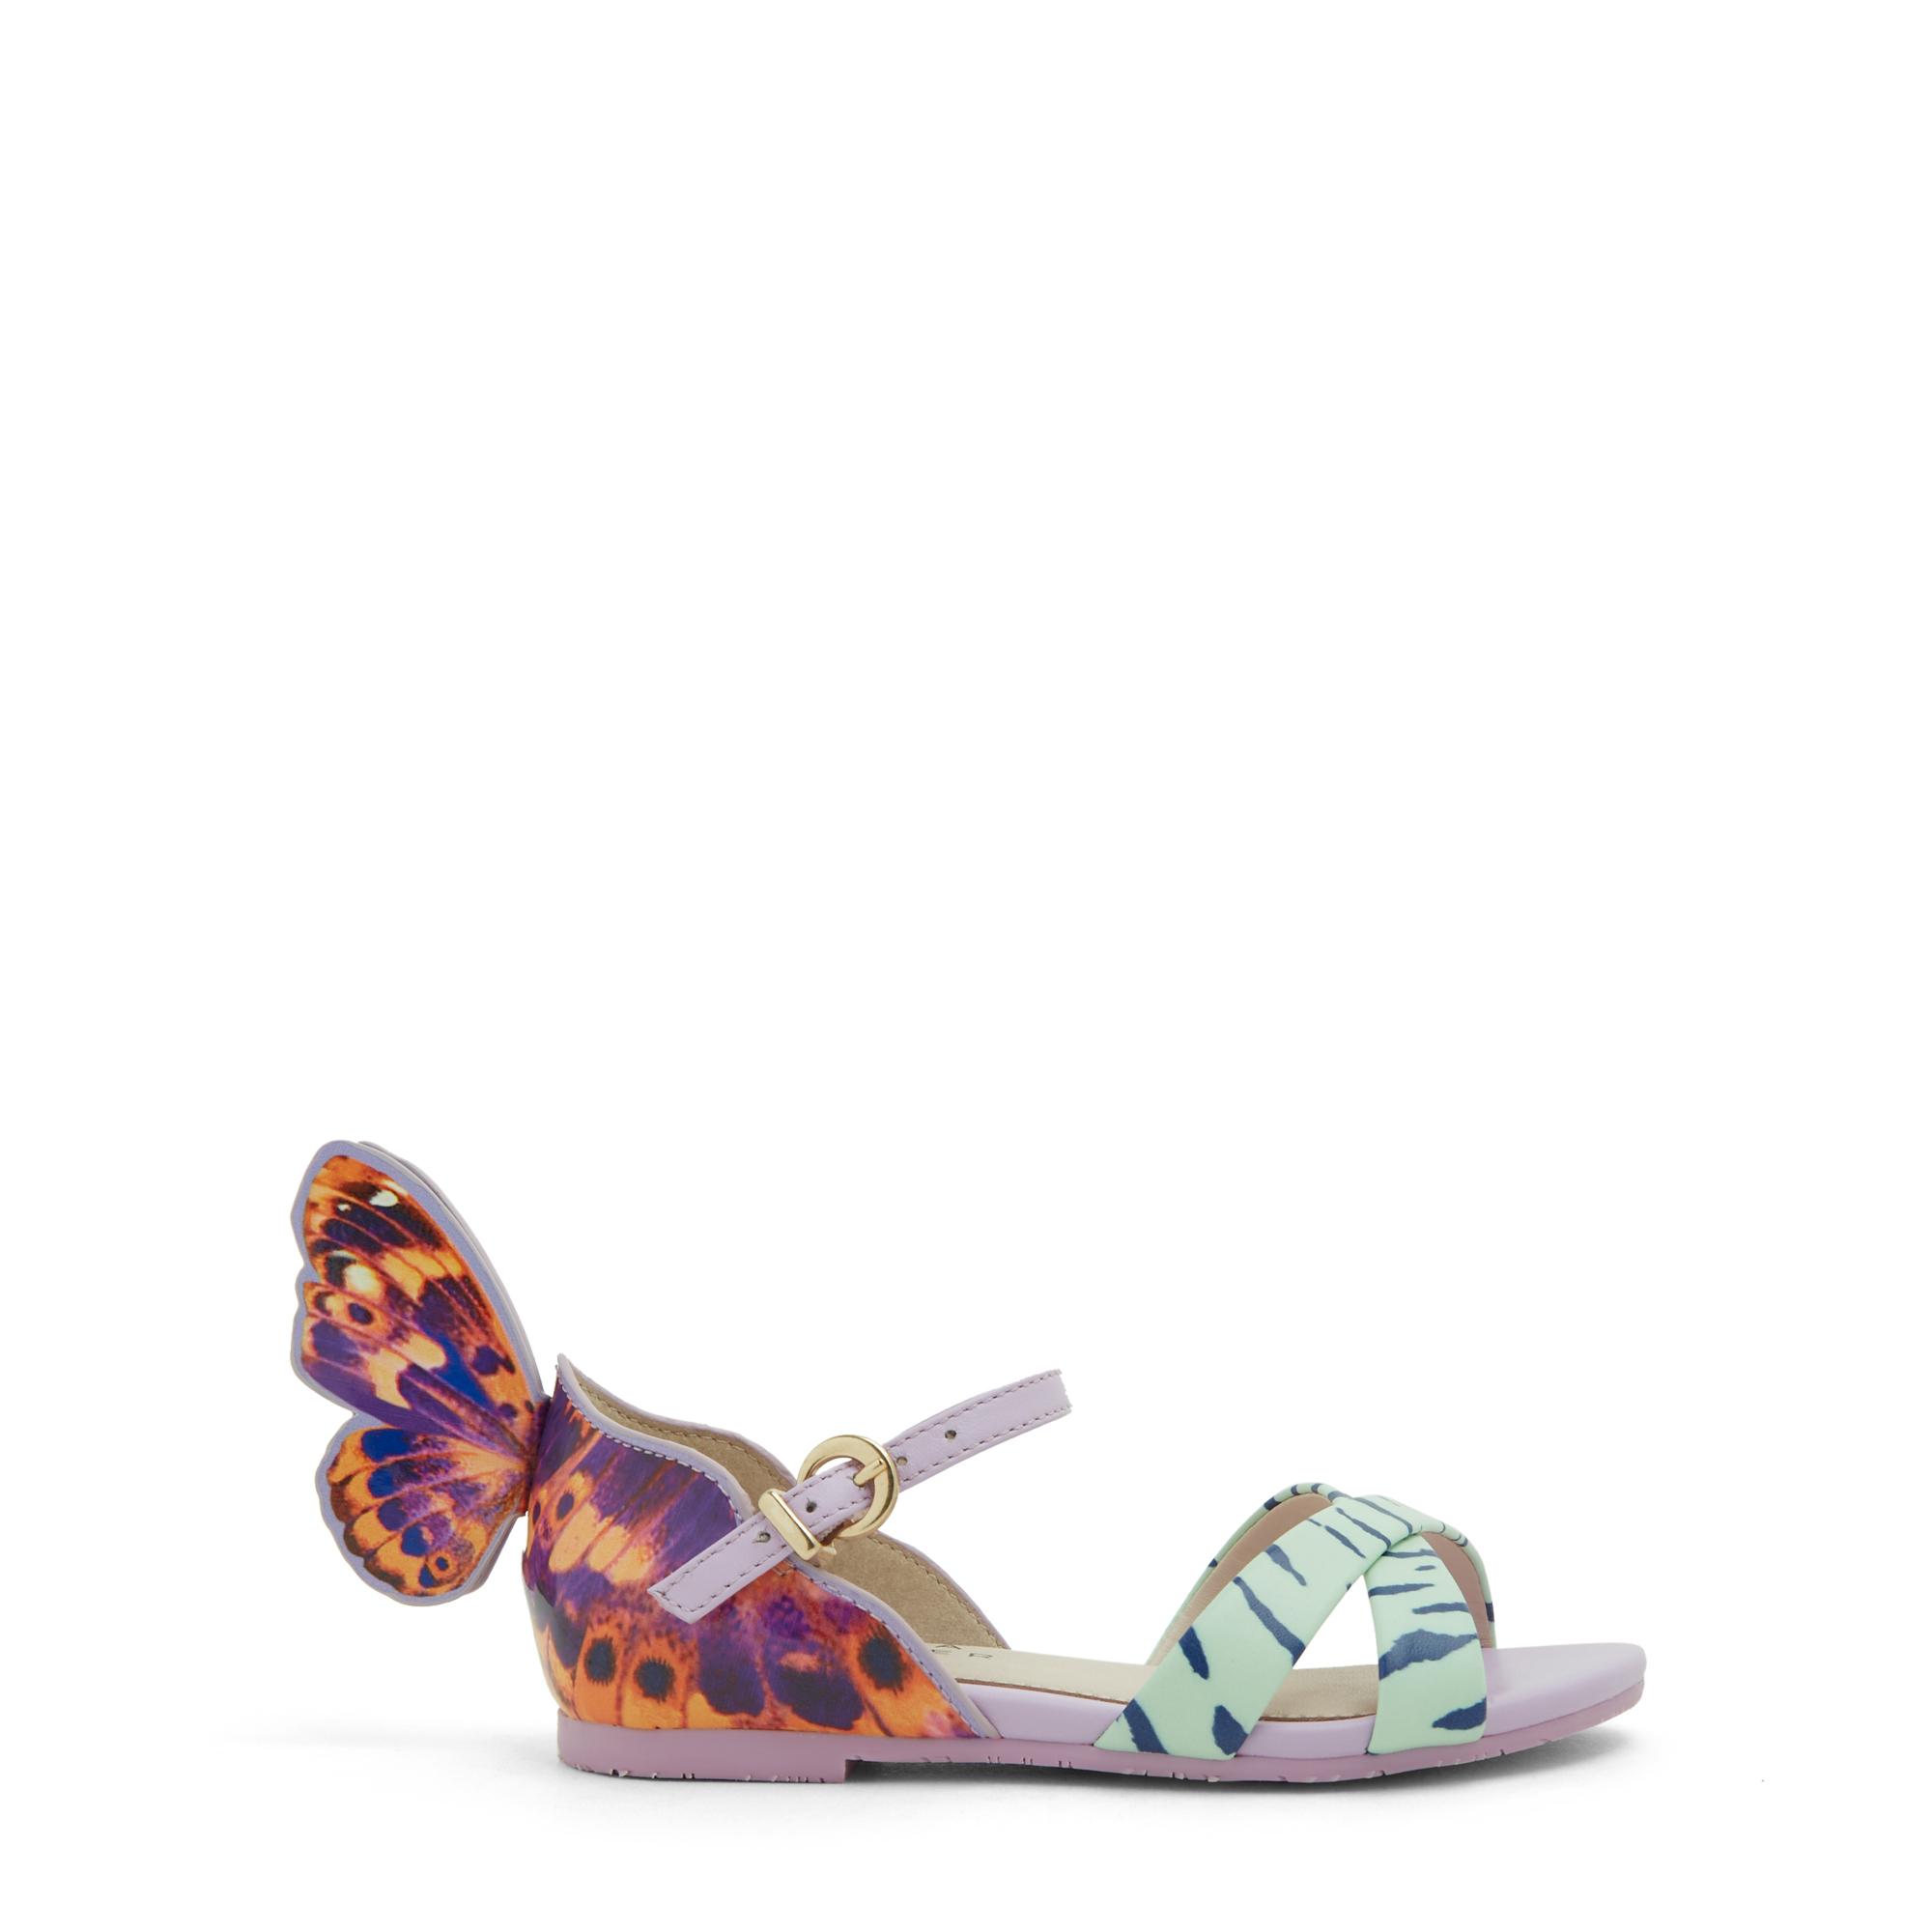 Chaira mini sandals